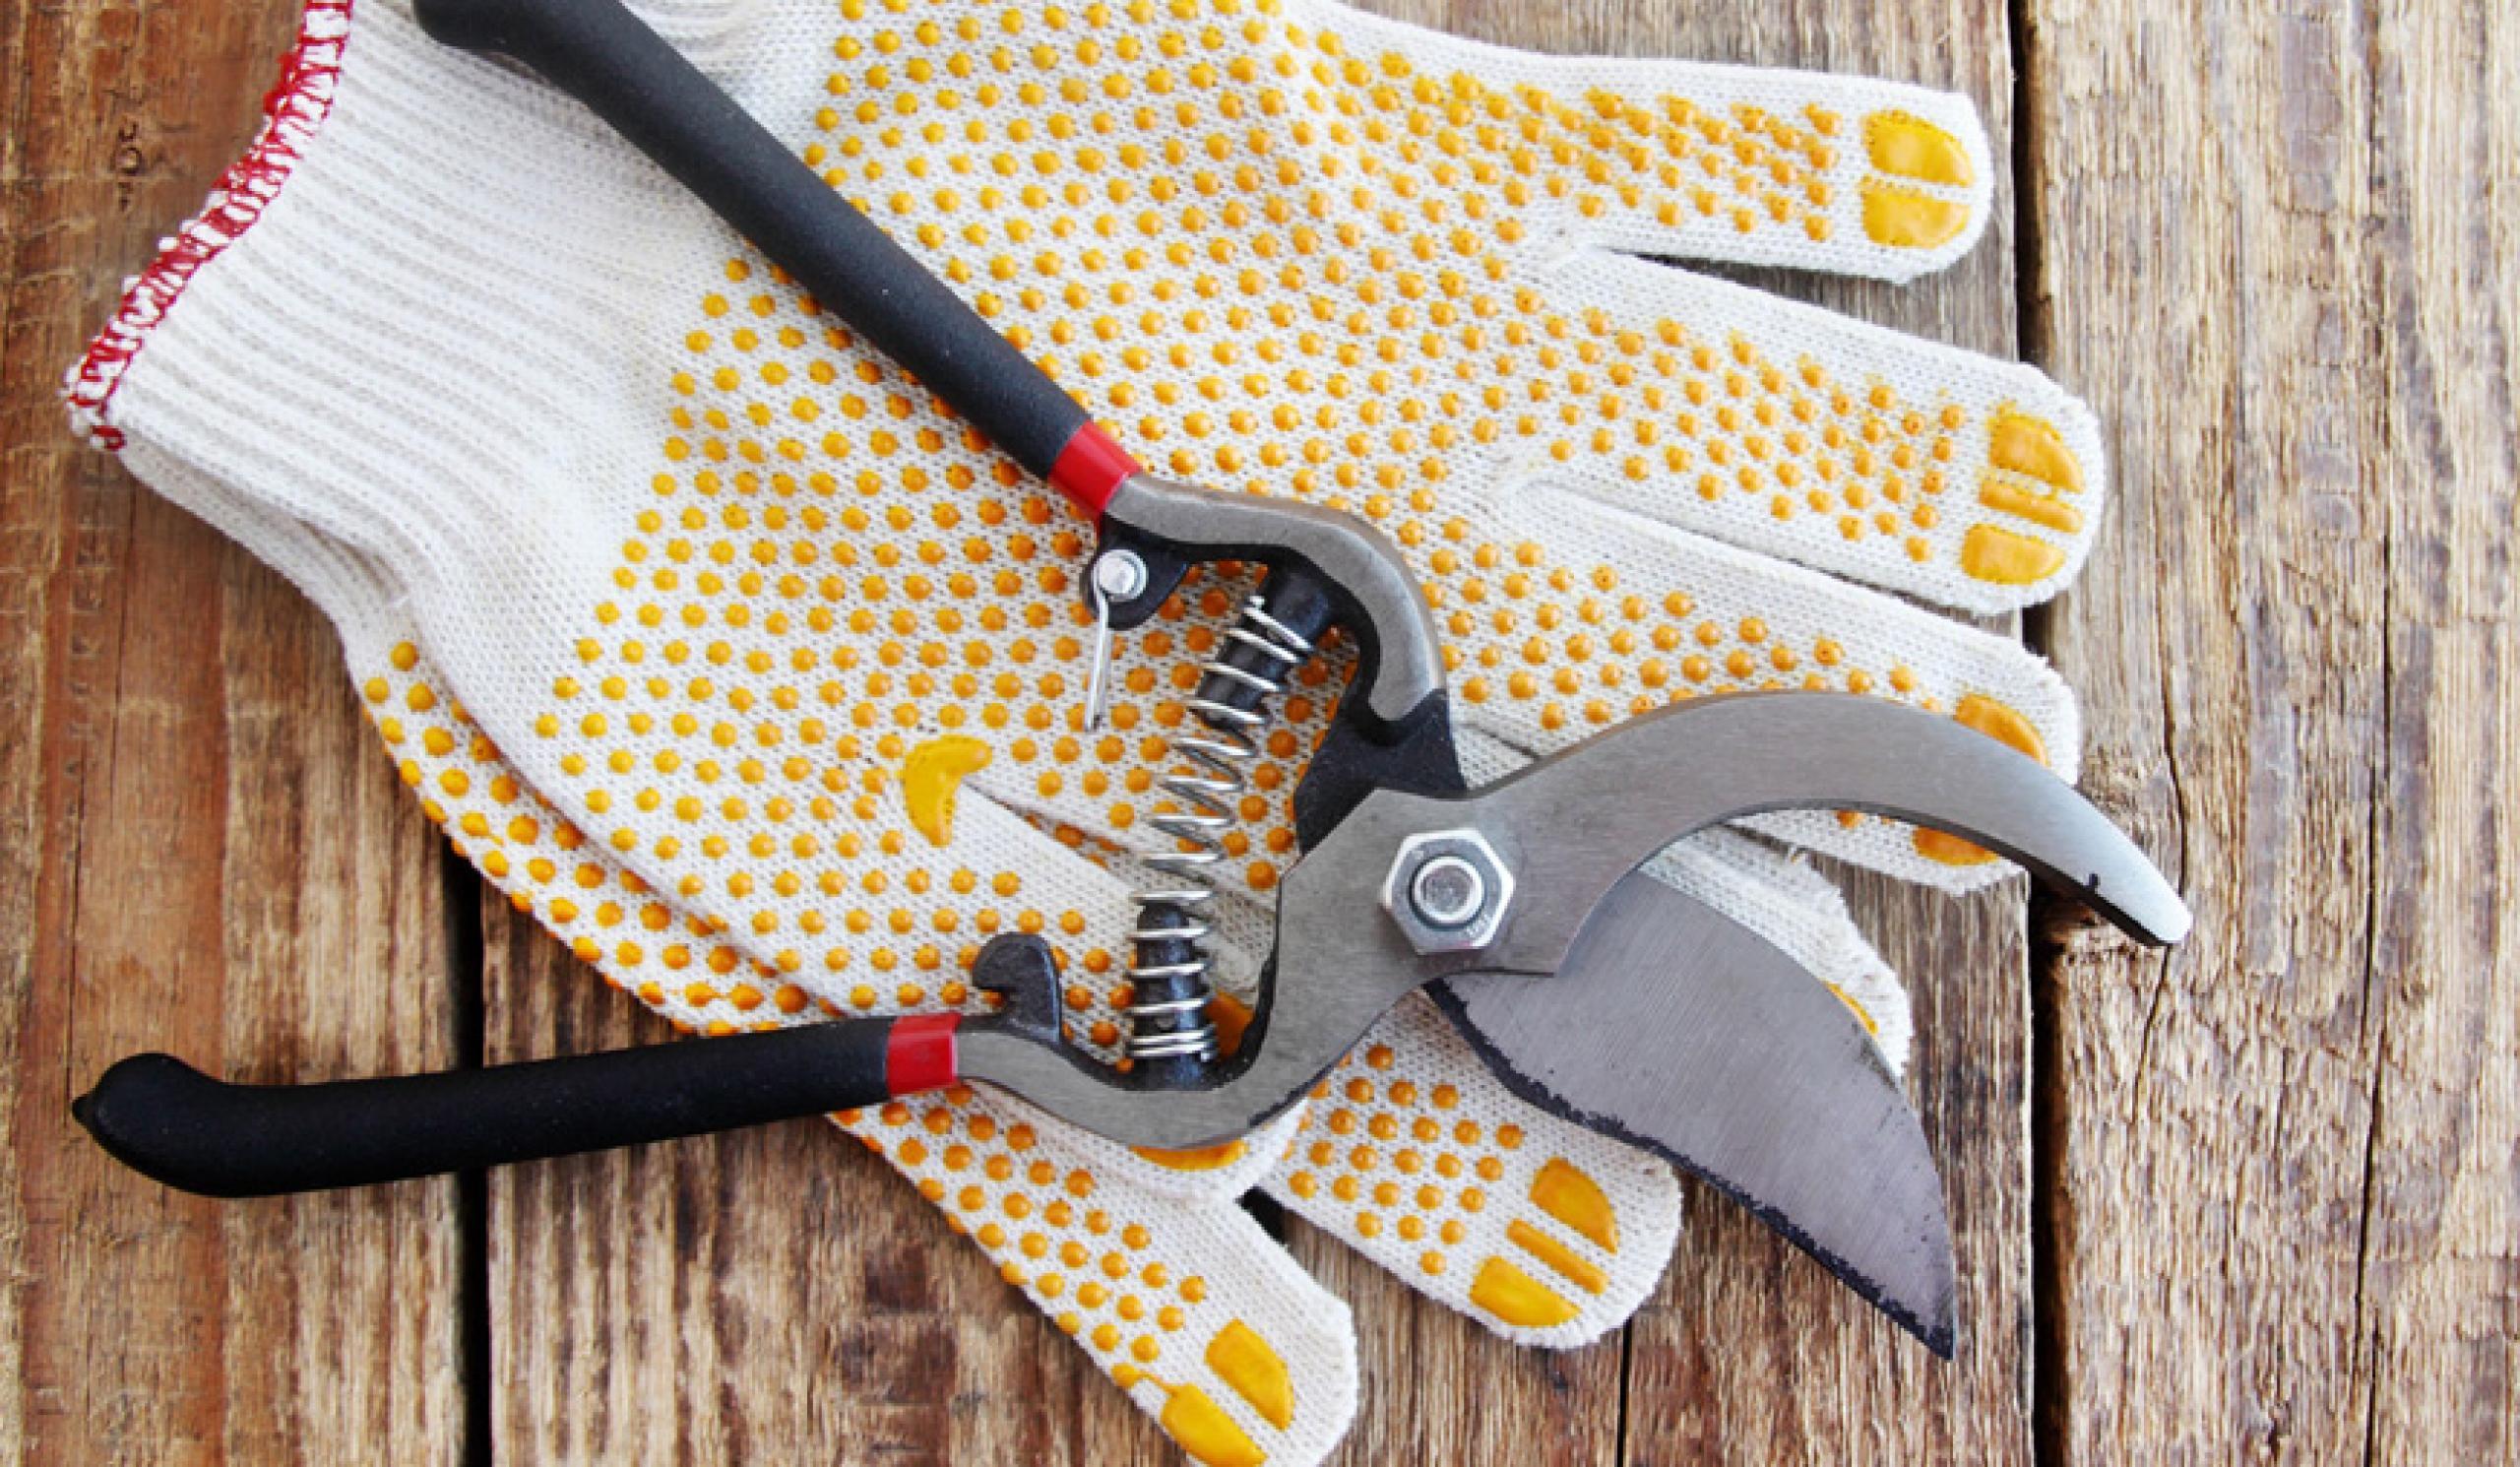 Kerti karbantartás és szabadtéri munkák